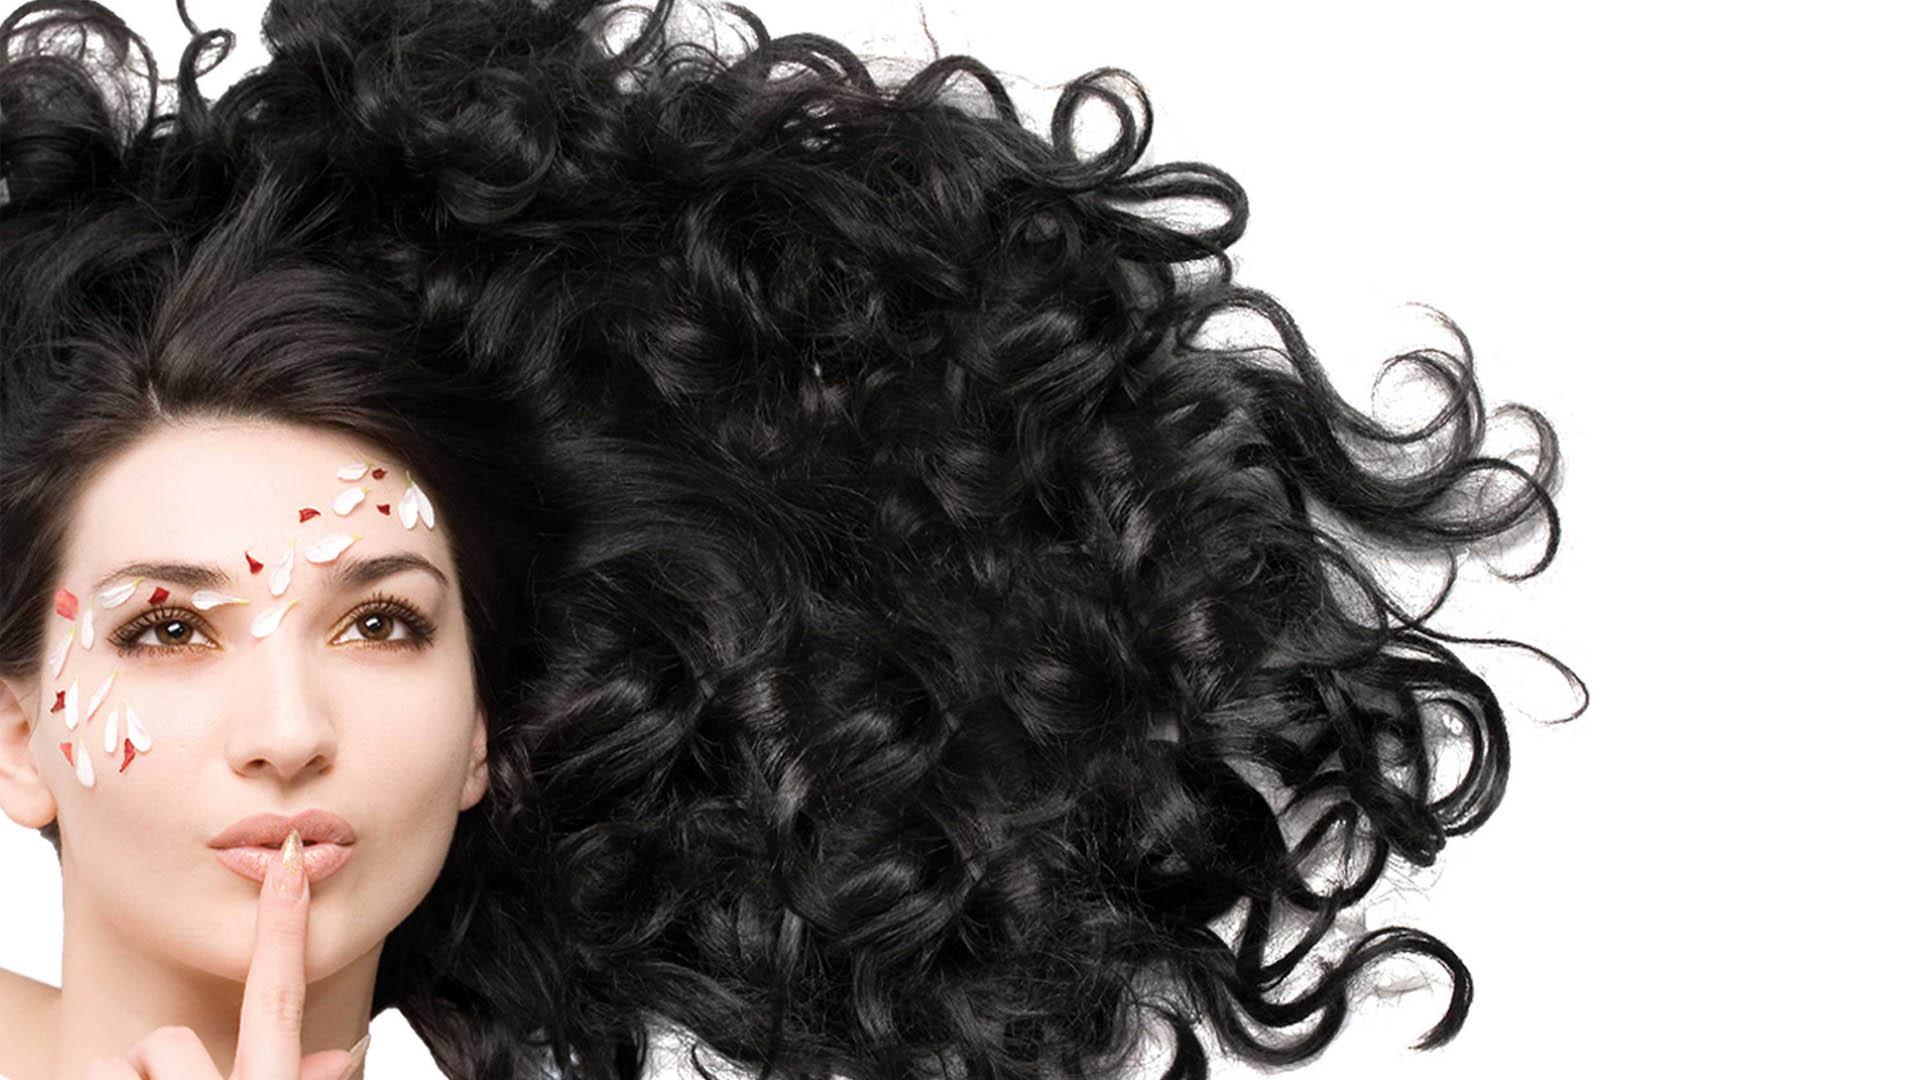 हेयर की सही केयर - Hair care tips